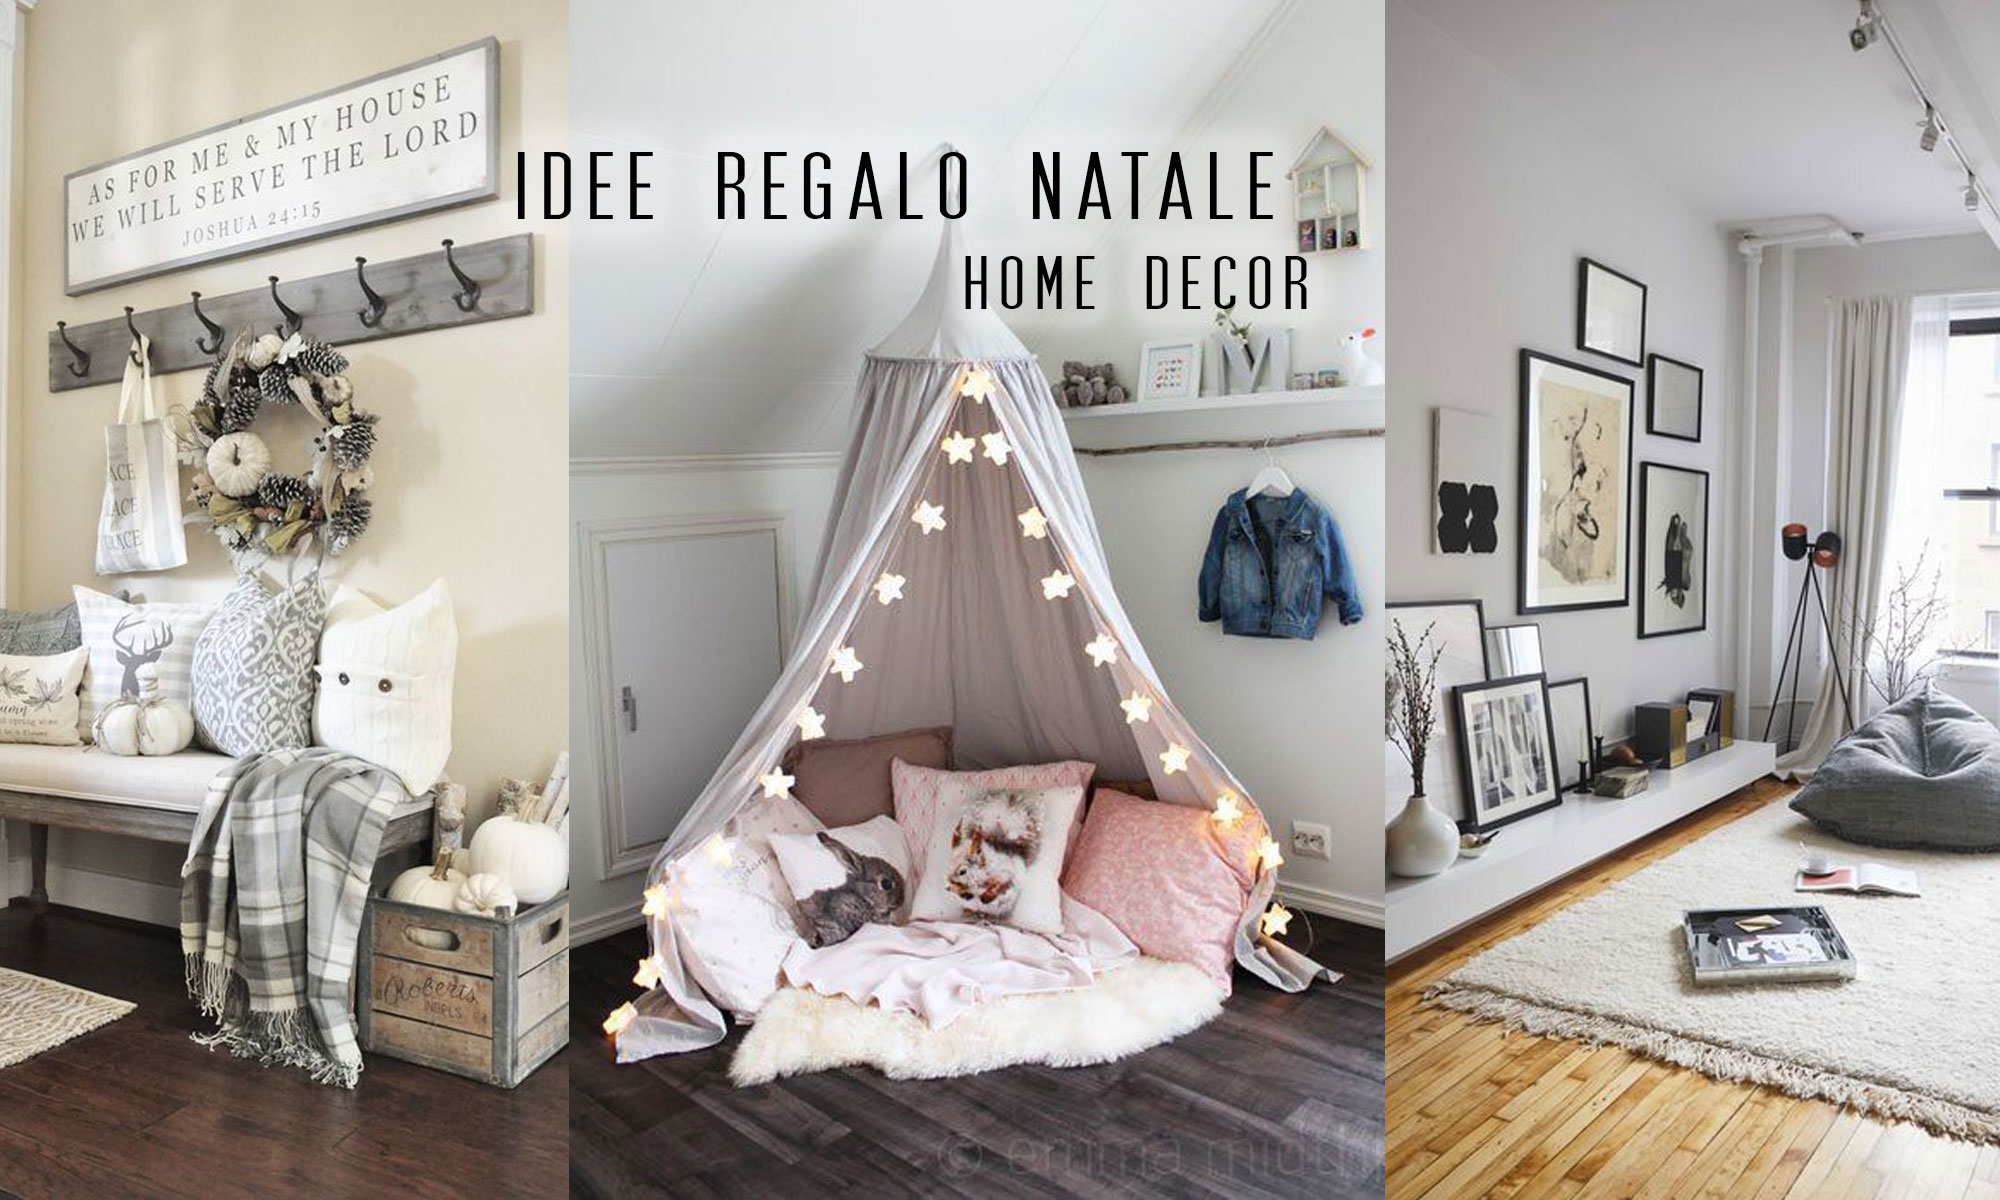 Idee regalo per natale home decoration elen ellis for Idee per progettare casa